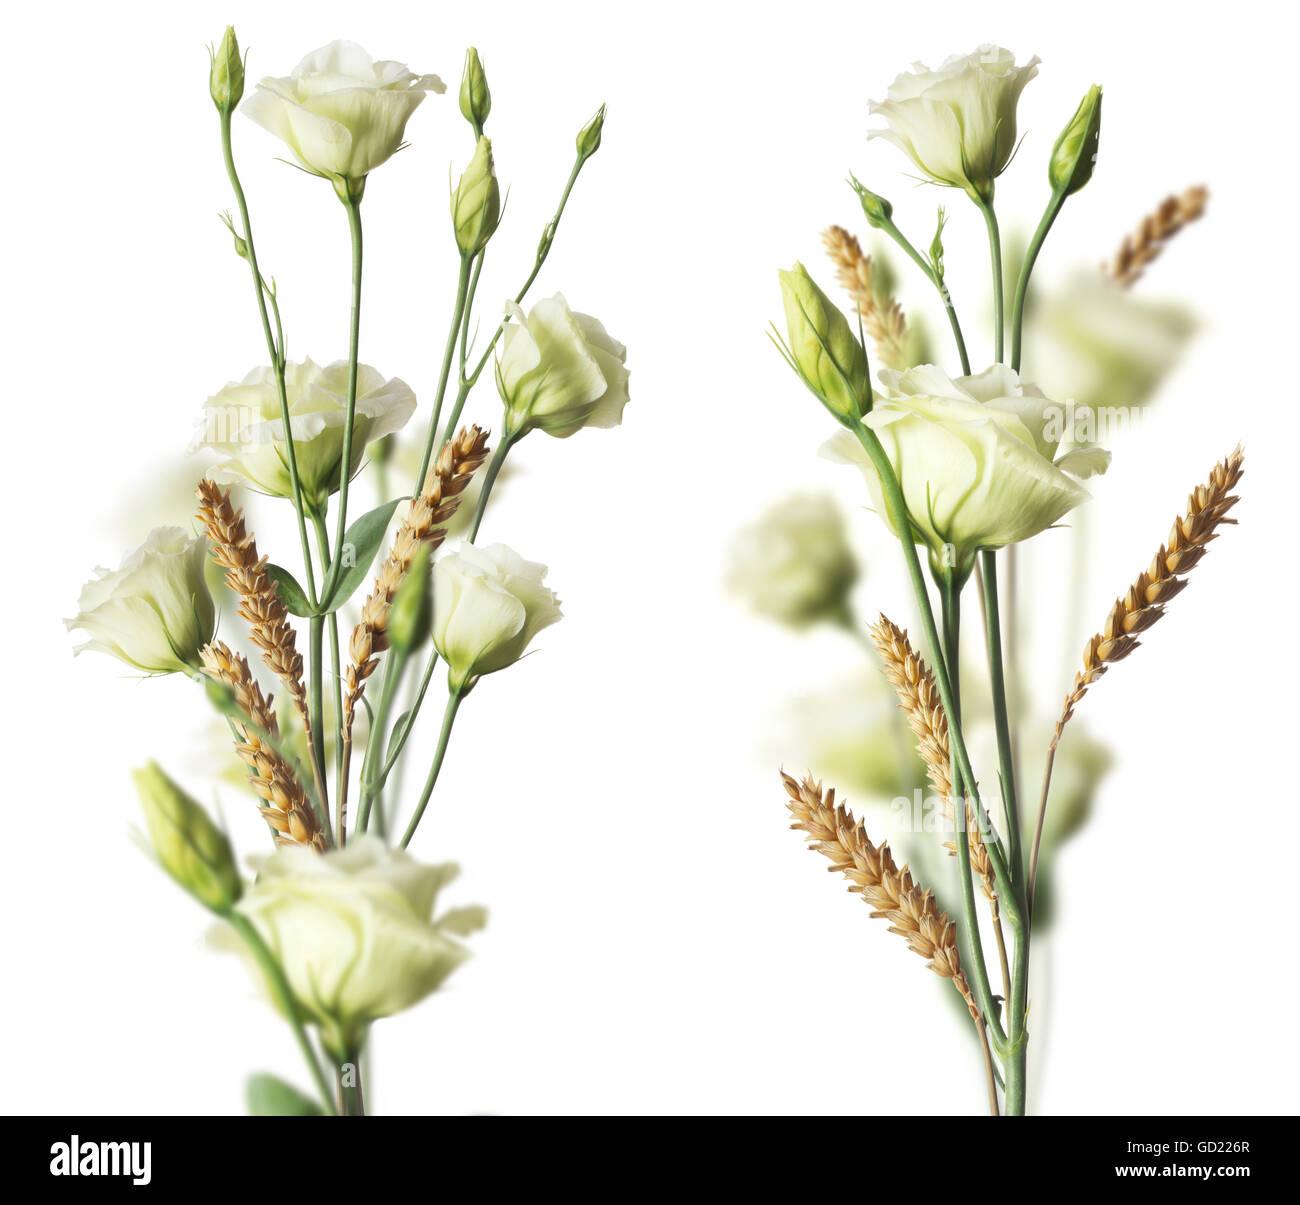 Zwei Weisse Blumenstrausse Und Weat Mit Blurr Effekt Bild Auf Weissem